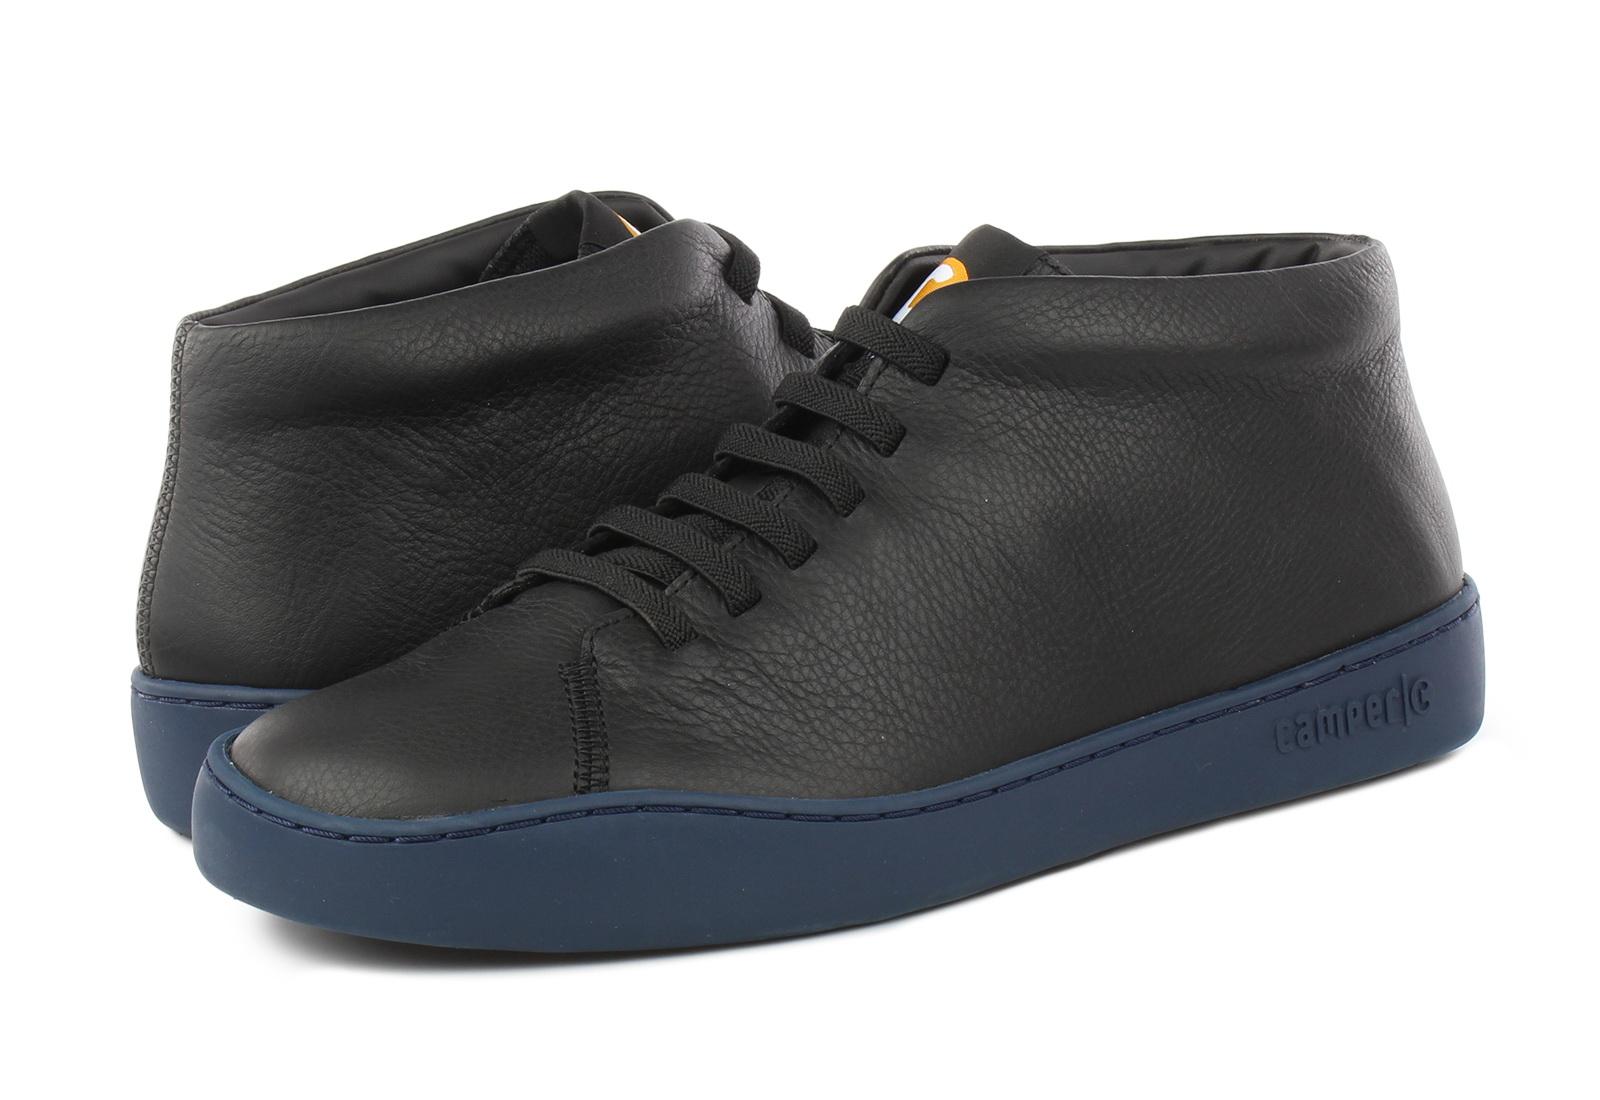 Camper Polbuty Peu Touring K300305 003 Obuwie I Buty Damskie Meskie Dzieciece W Office Shoes